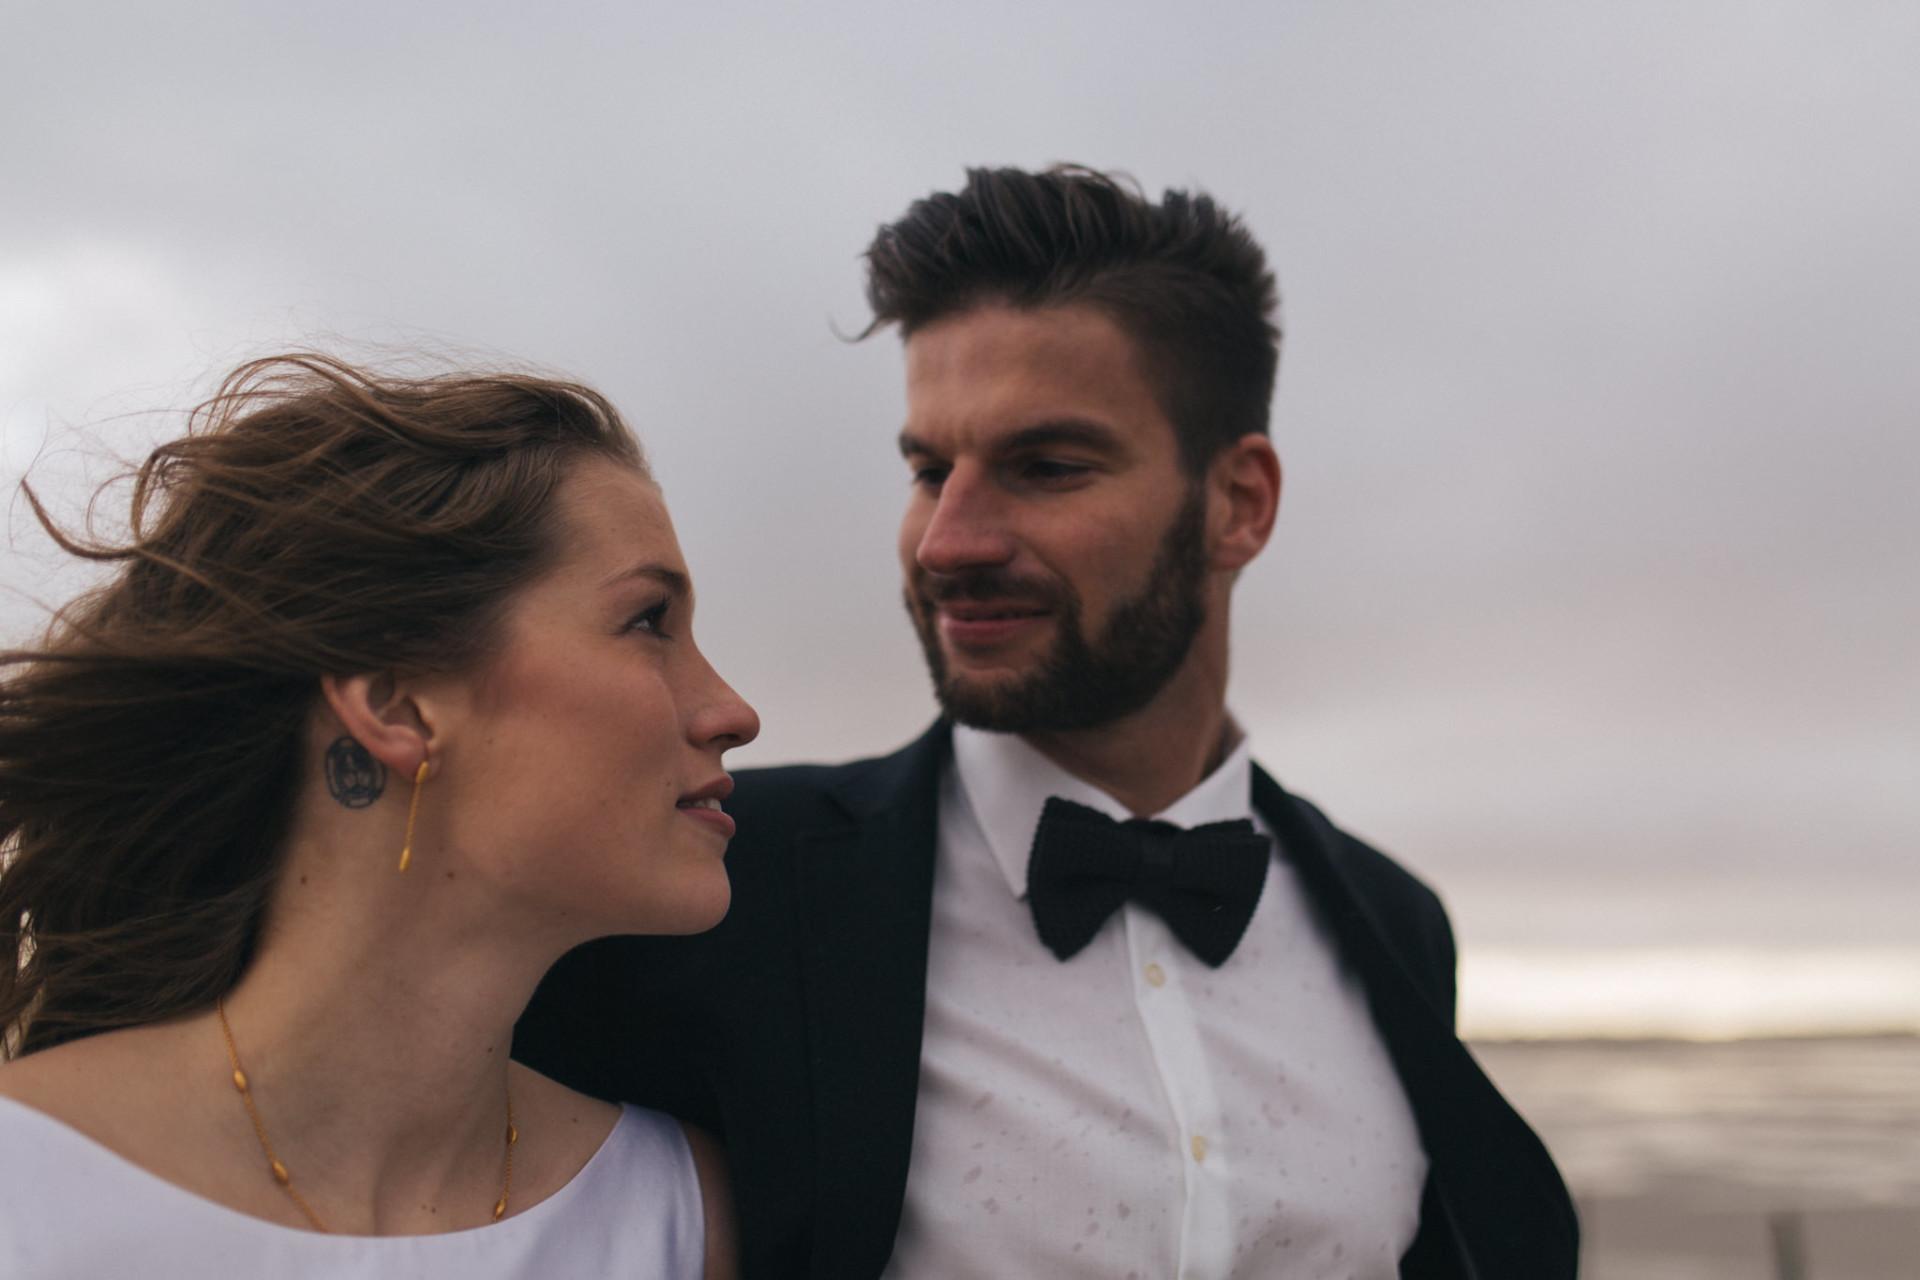 tattooed bride-wedding portrait moody emotional